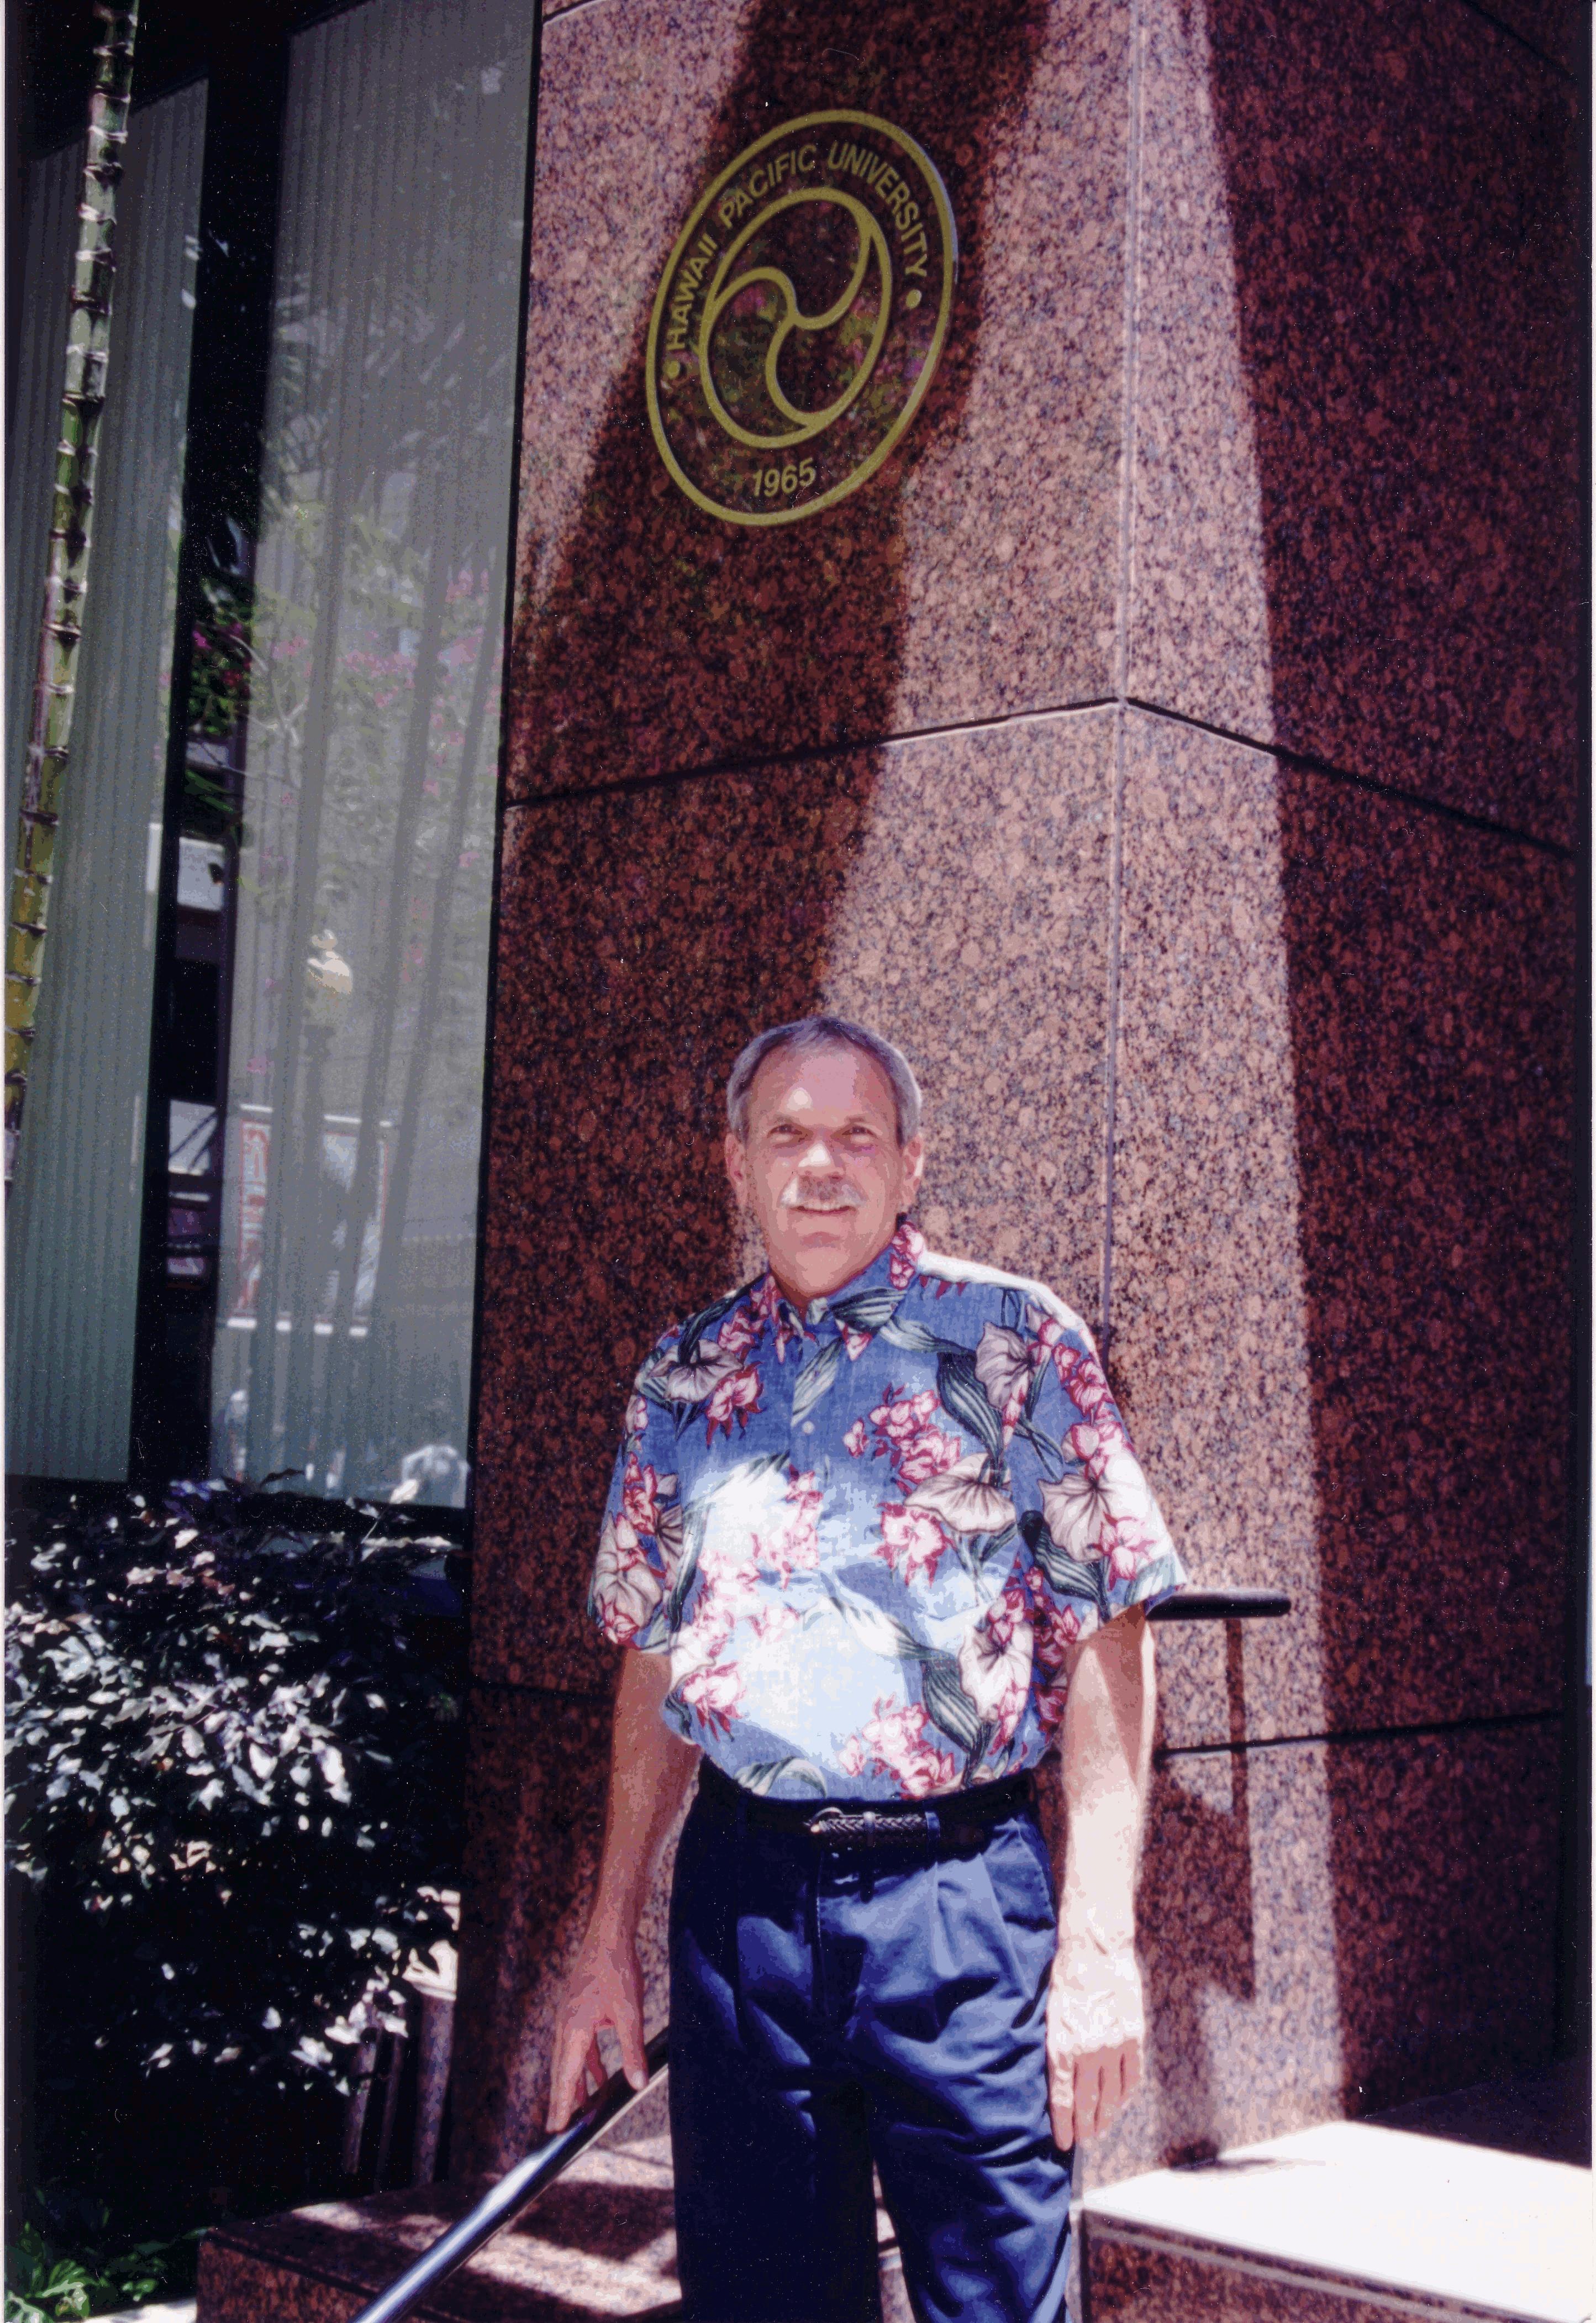 Sam Chepkevich